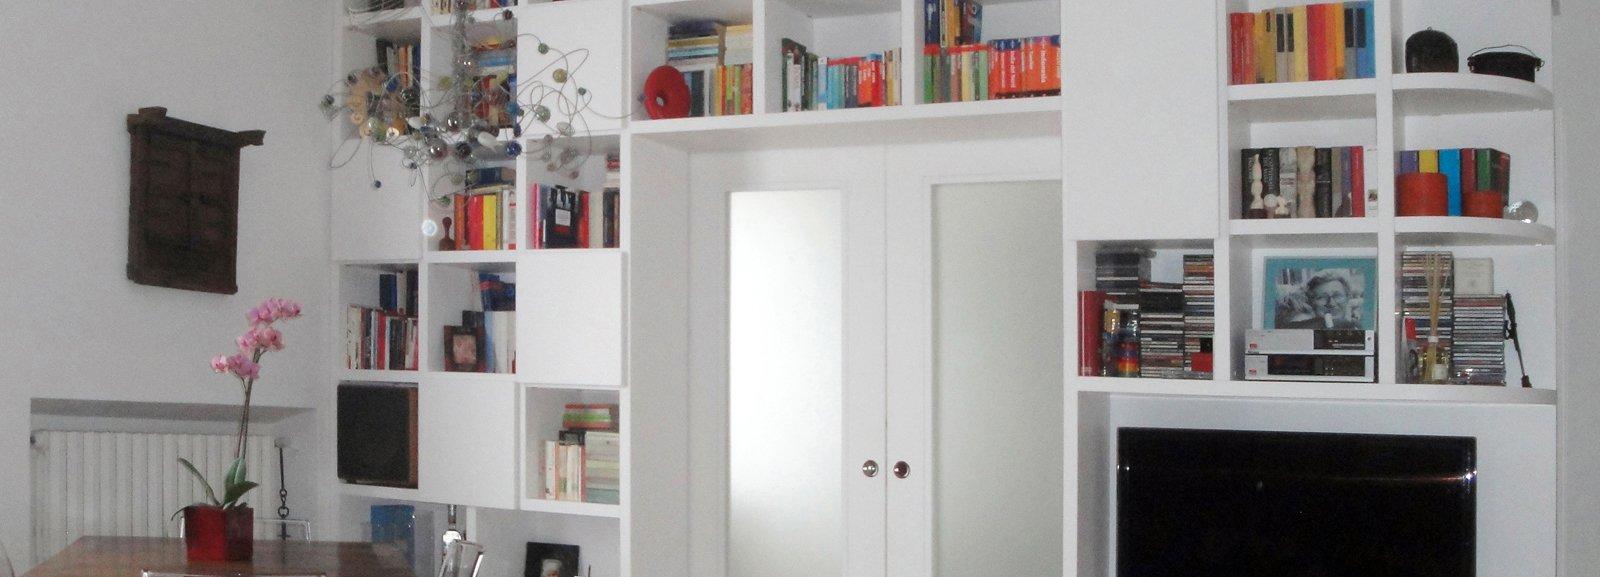 Separare cucina e soggiorno con un mobile a ponte sulla - Mobili cartongesso soggiorno ...